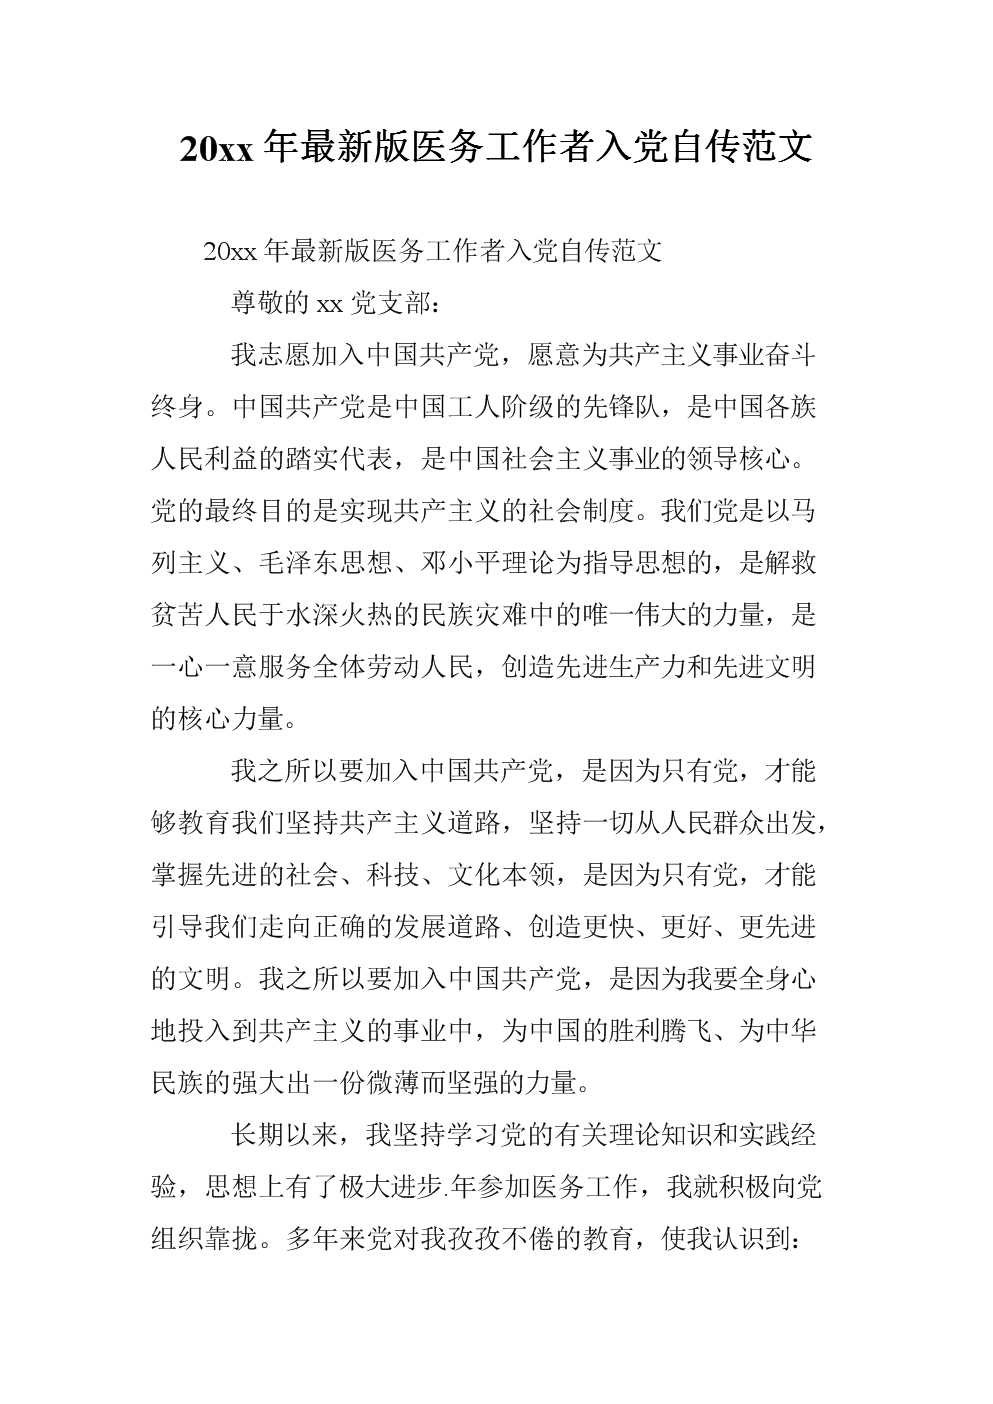 [公务员自传范文3000字]公务员入党积极分子自传范文_入党自传范文